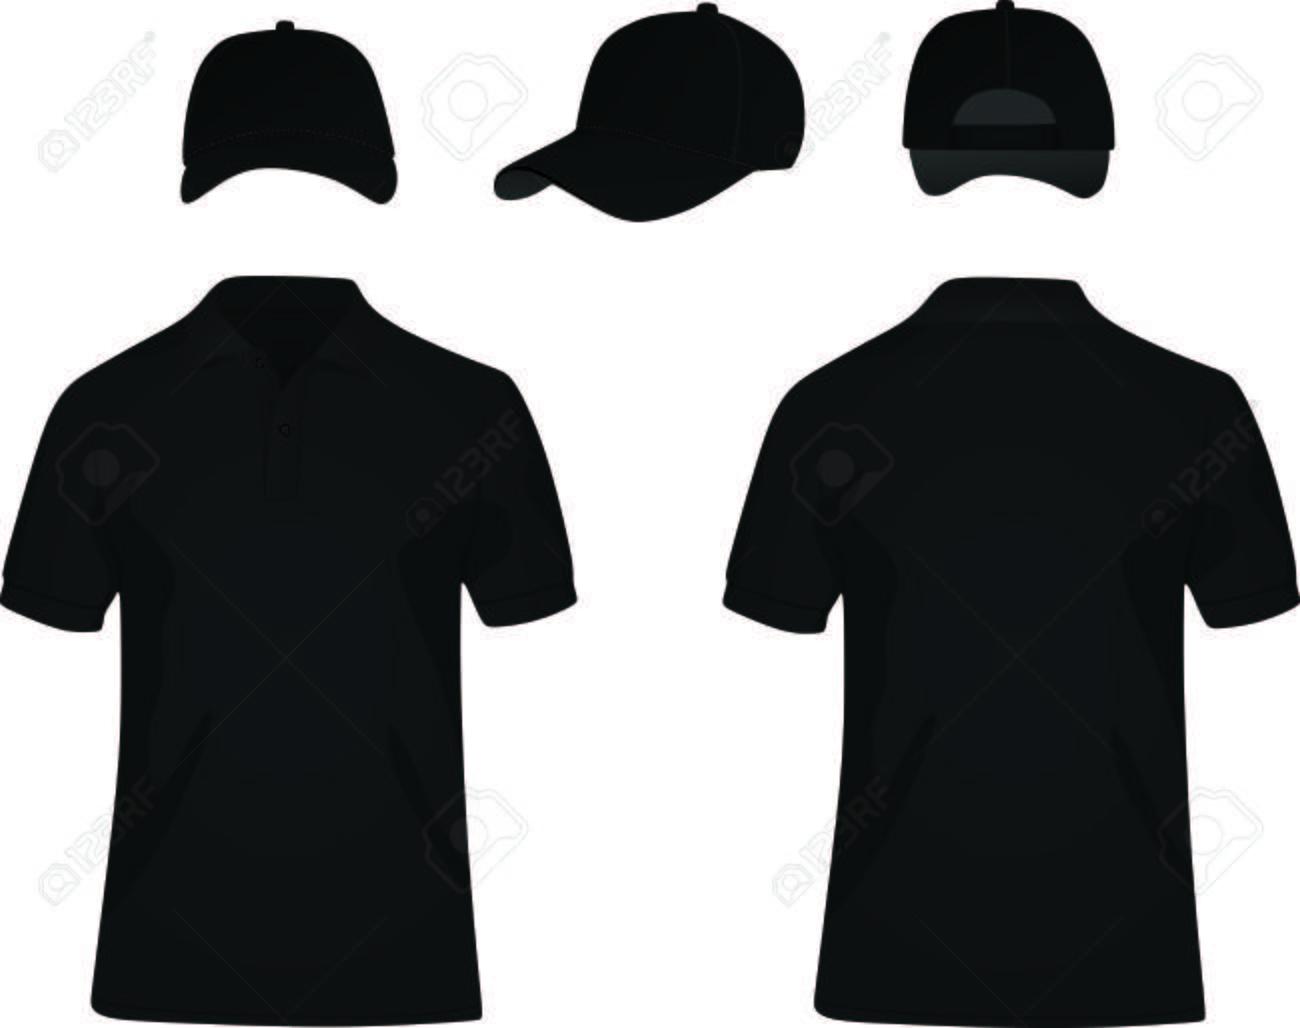 ff528615fa11 Camisa negra y gorra de béisbol